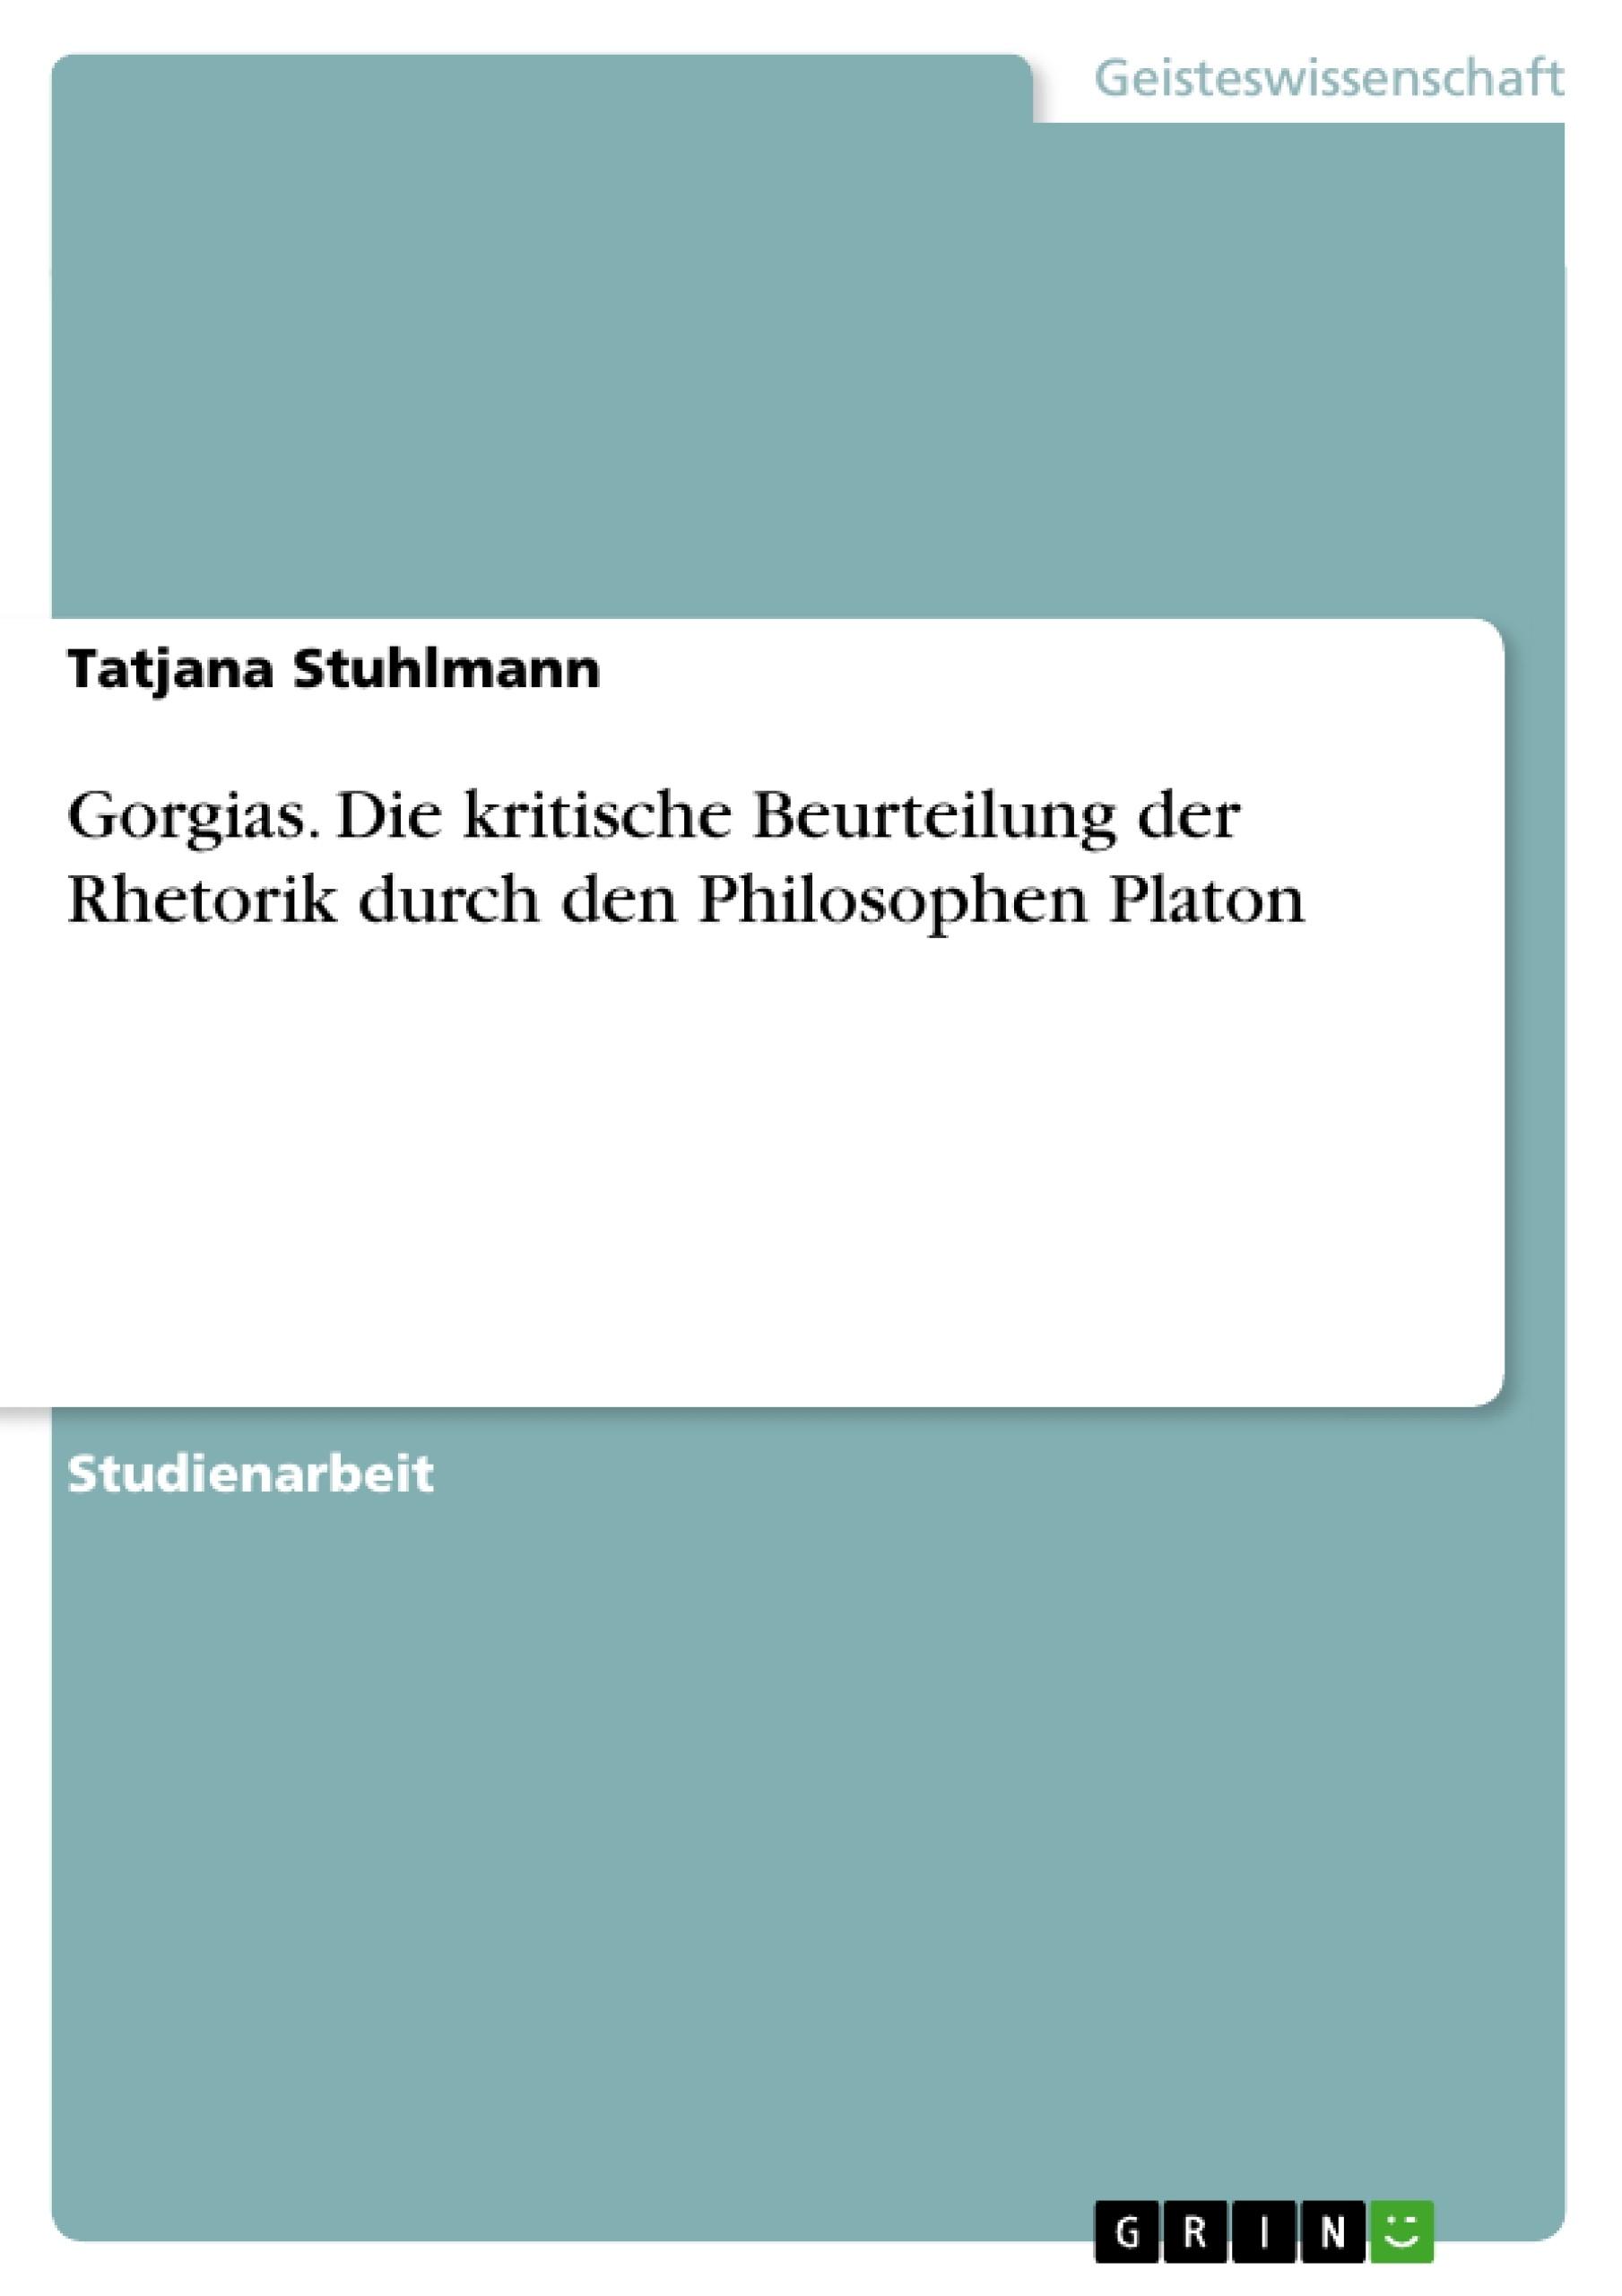 Titel: Gorgias. Die kritische Beurteilung der Rhetorik durch den Philosophen Platon